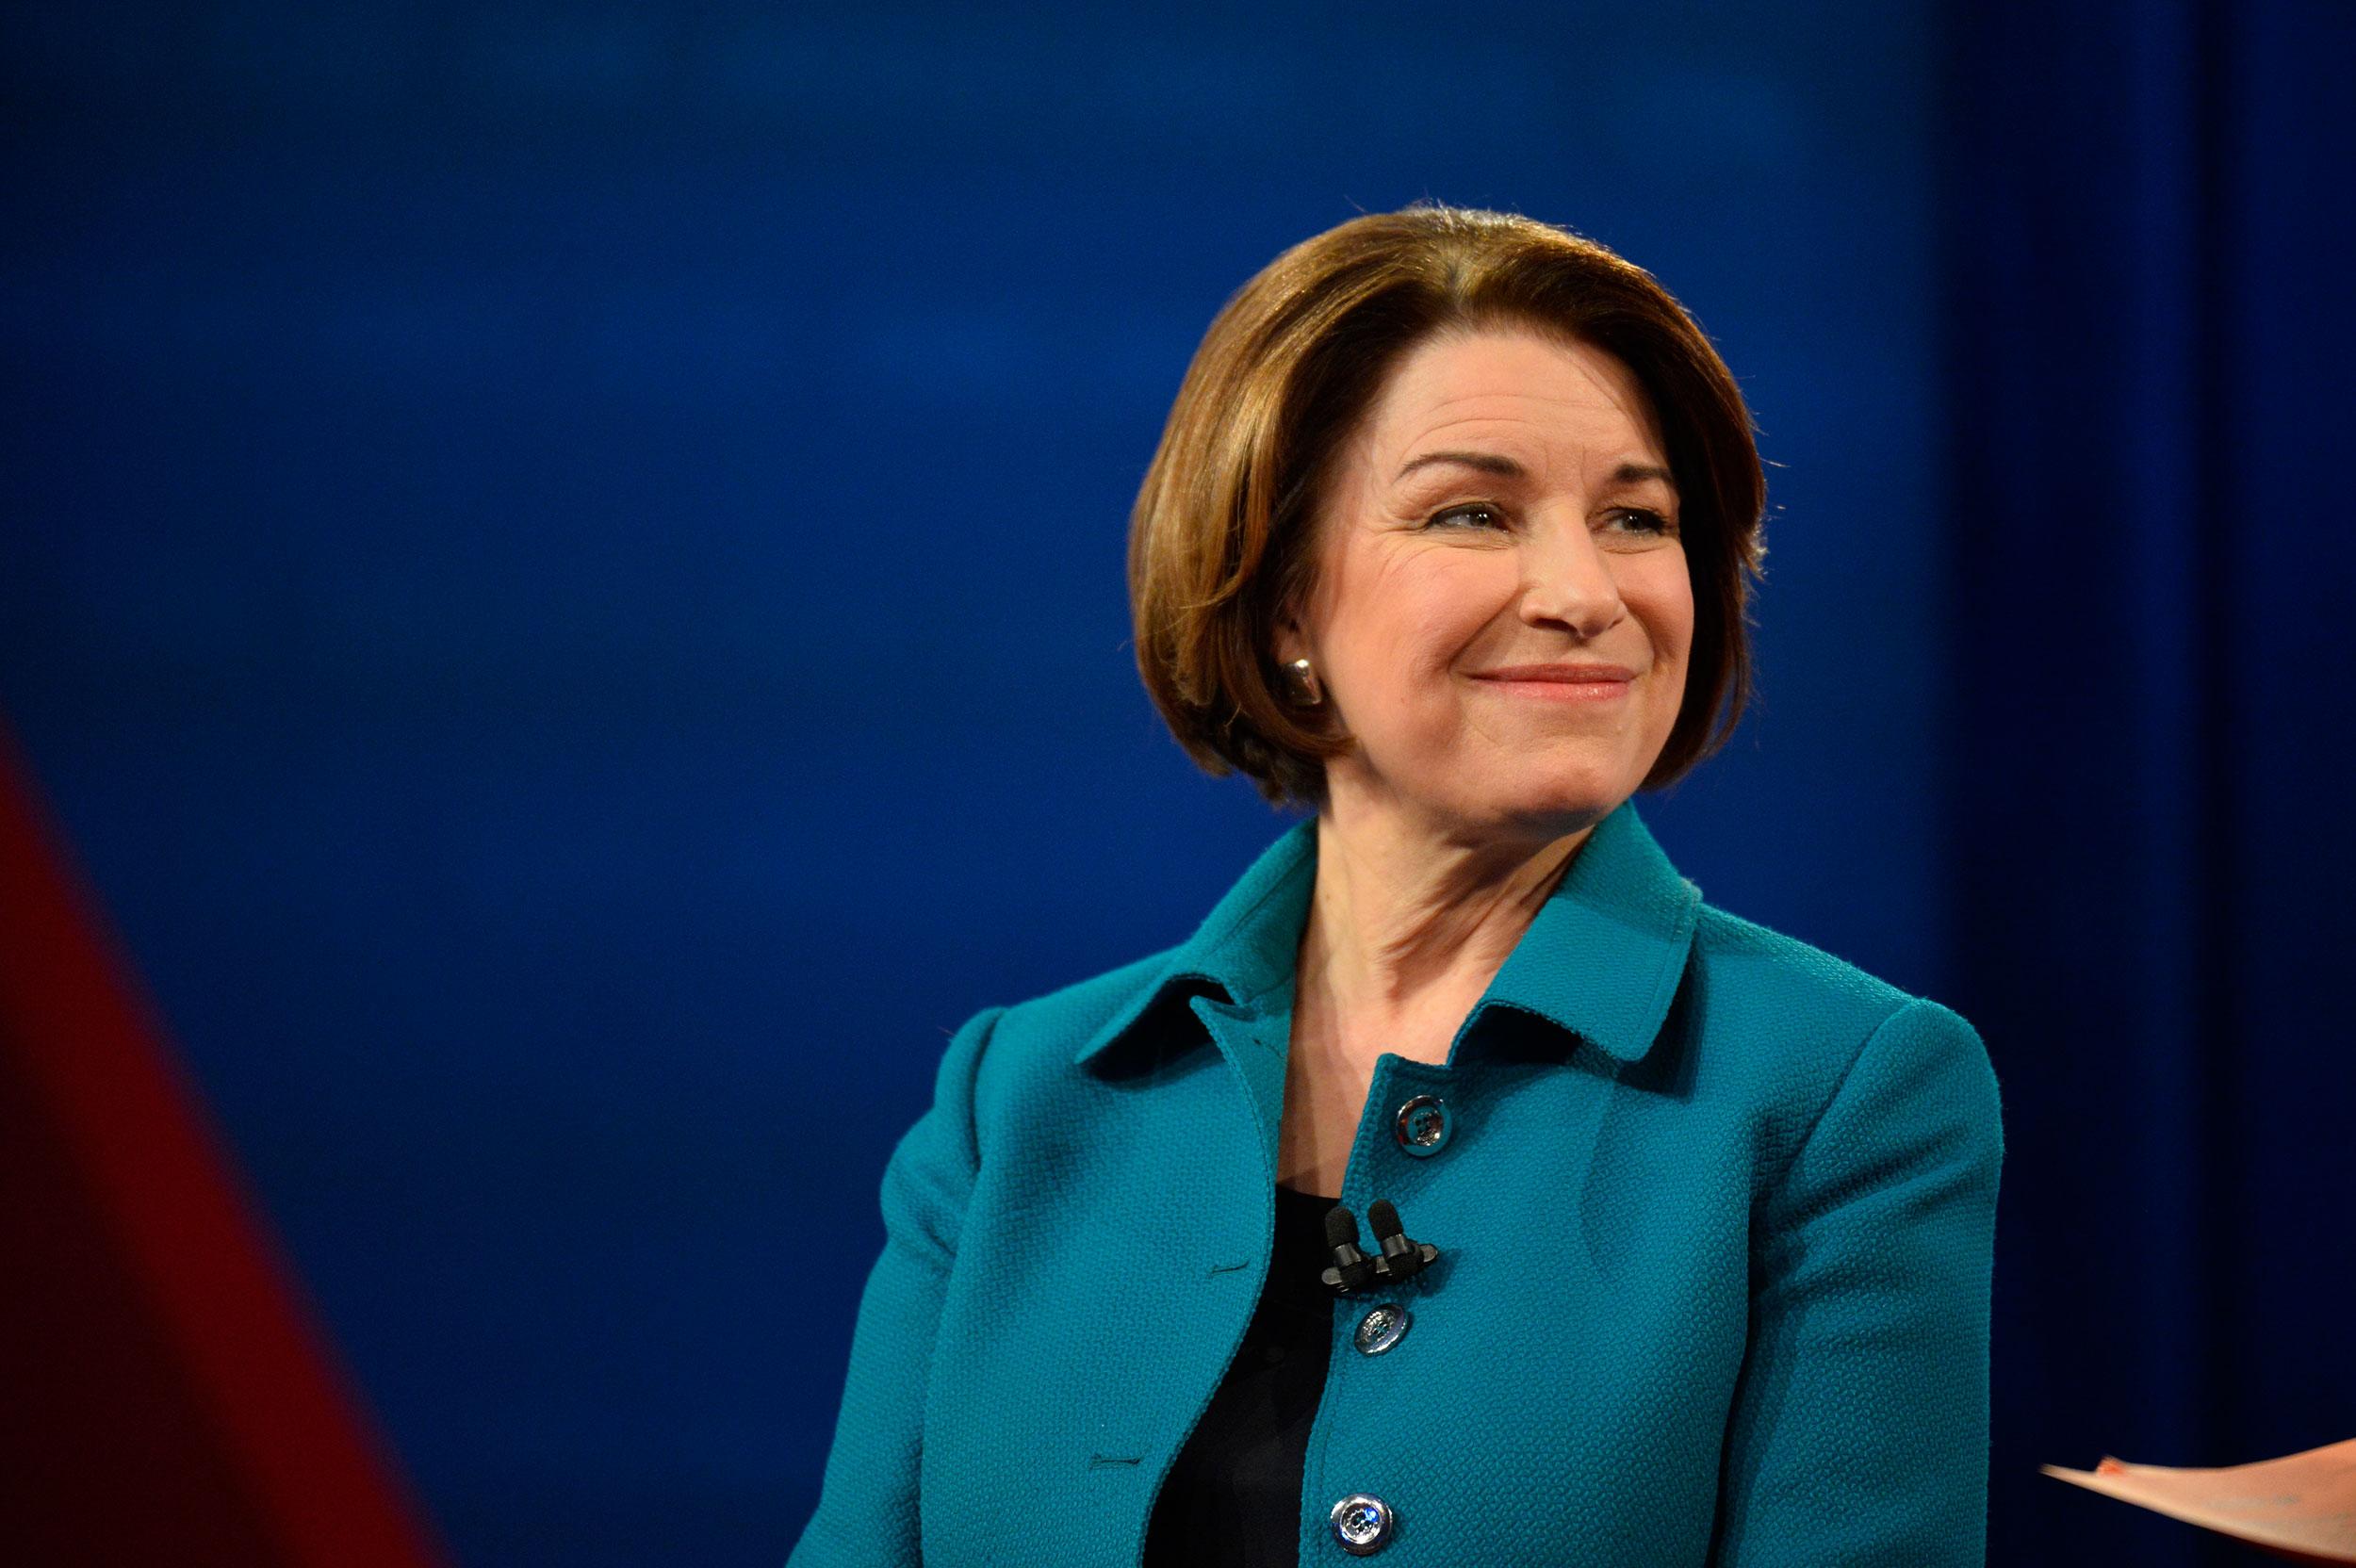 Klobuchar makes her not-so-quiet bid to be Joe Biden's running mate